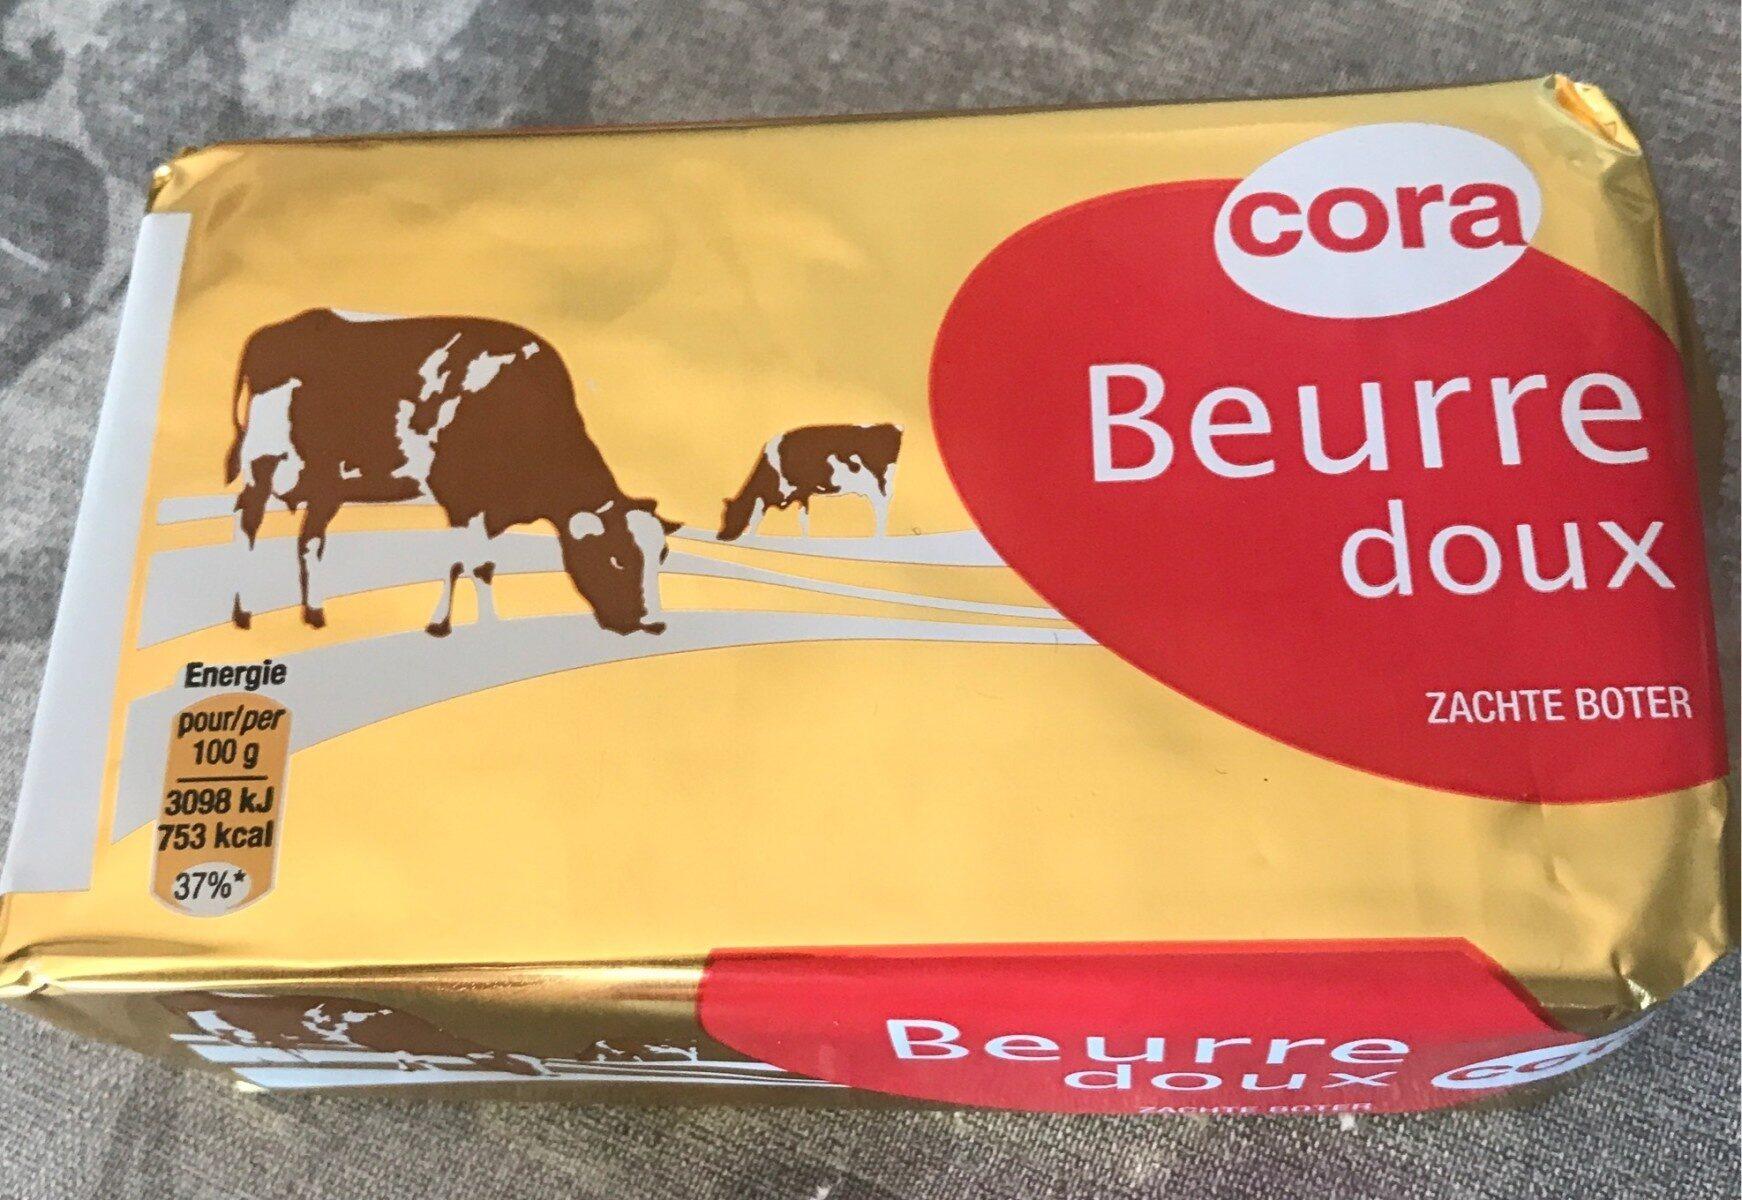 Beurre doux cora - Product - fr